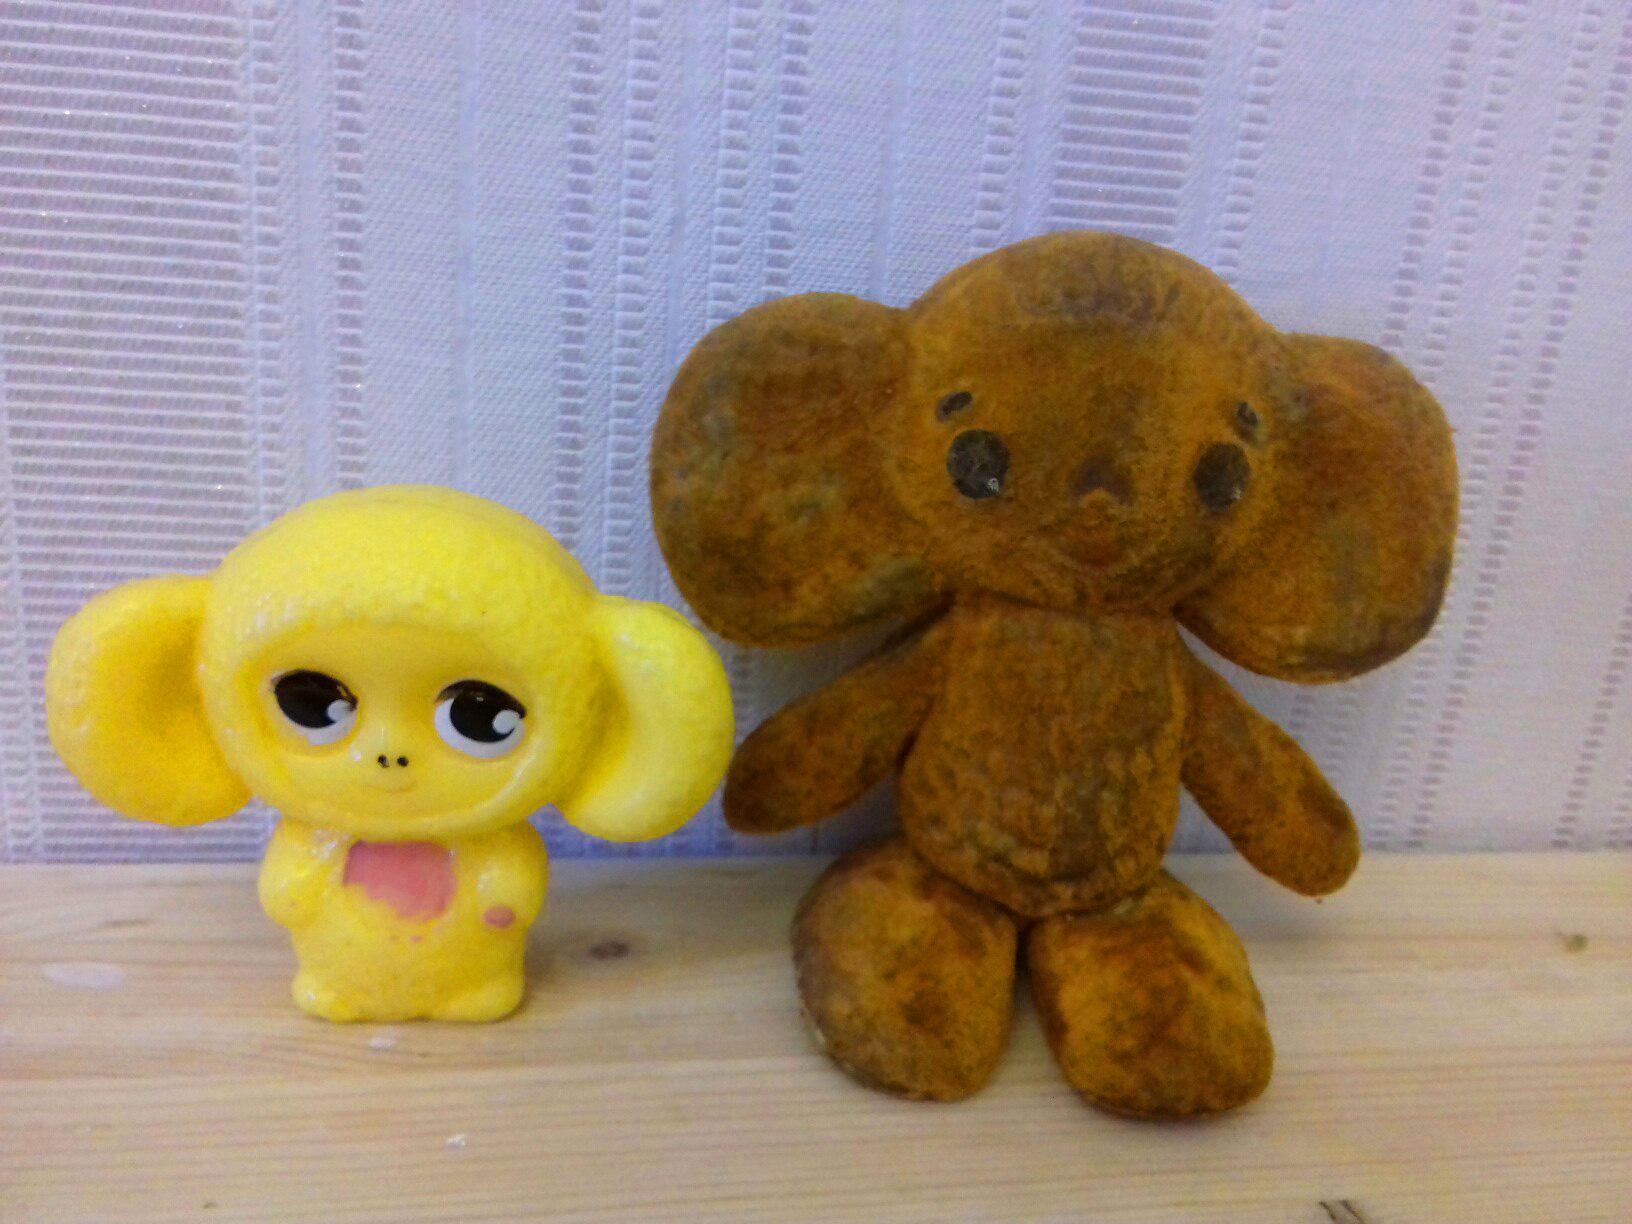 Teaddy bear Photo 2